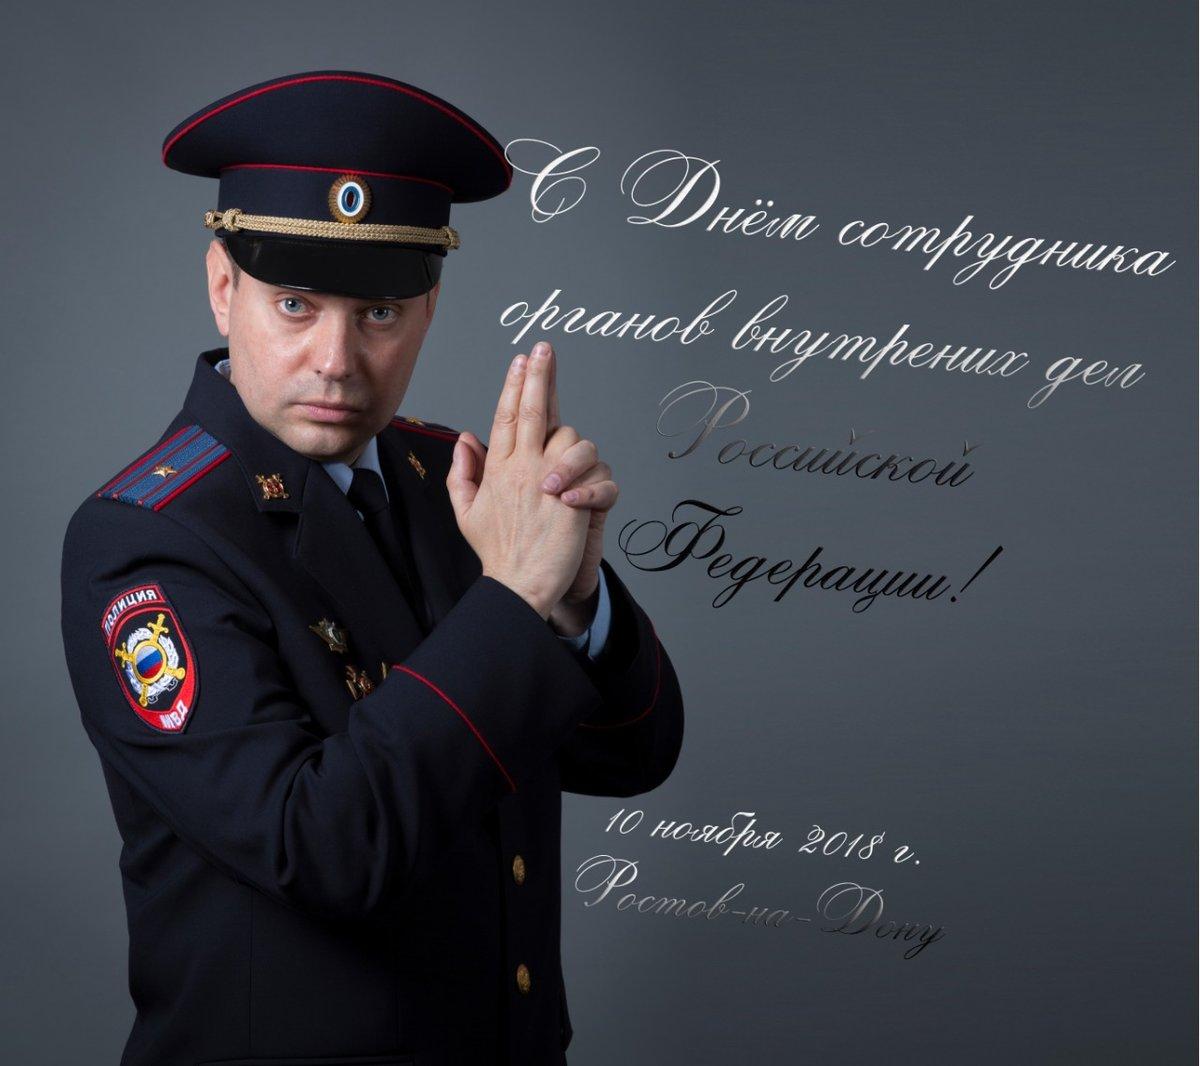 Картинки на тему служба в полиции